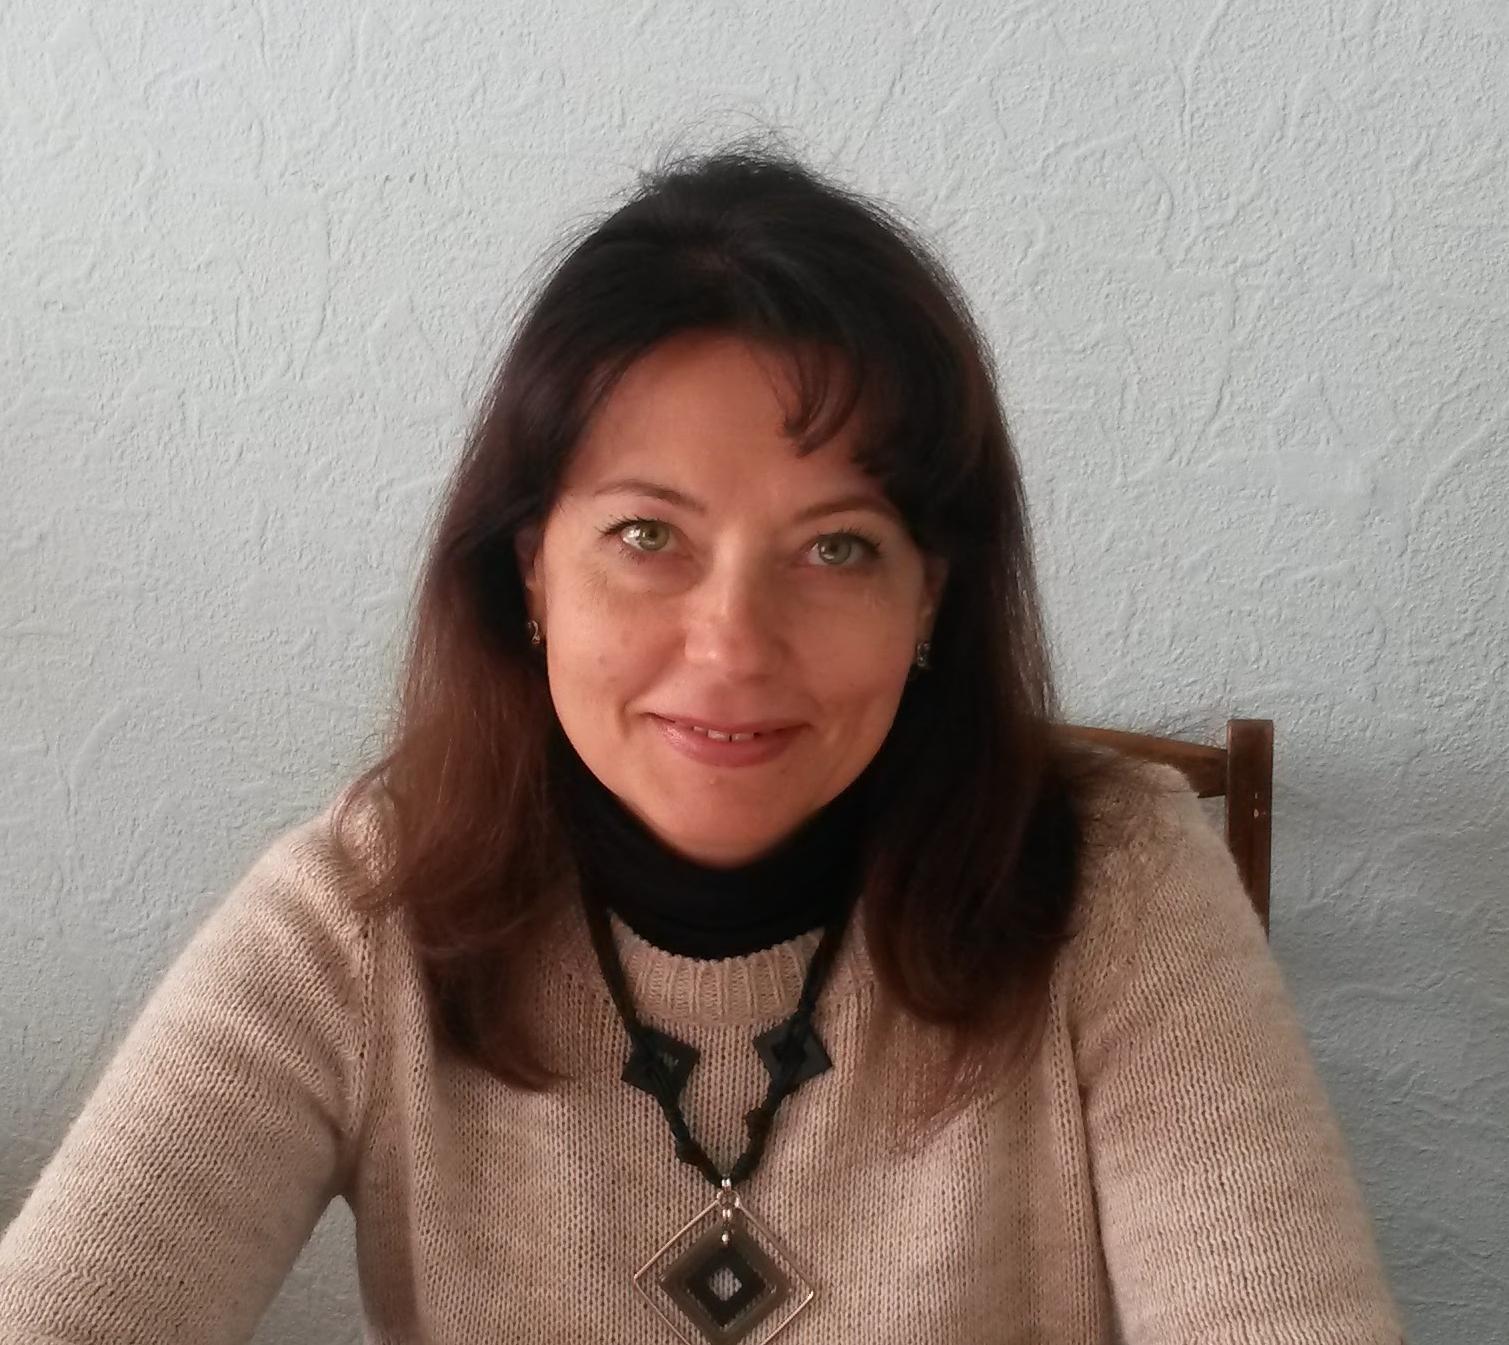 Polina Sytnikova